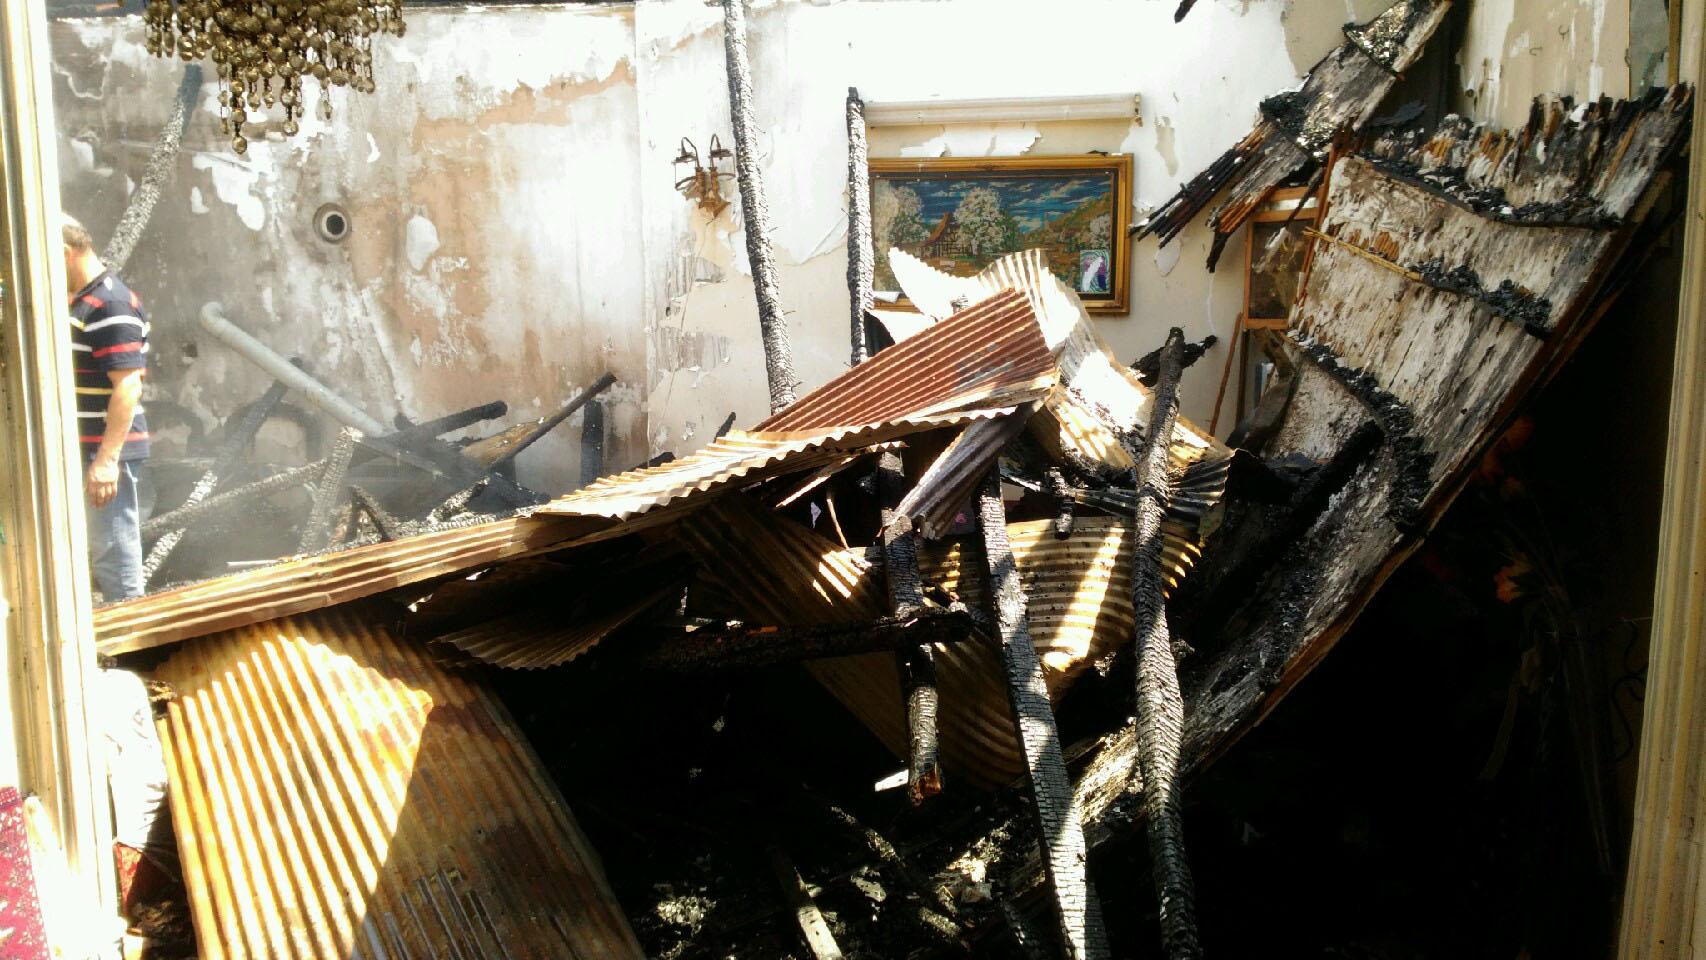 آتشسوزی منازل مسکونی در آستان اشرفیه + فیلم و تصاویر